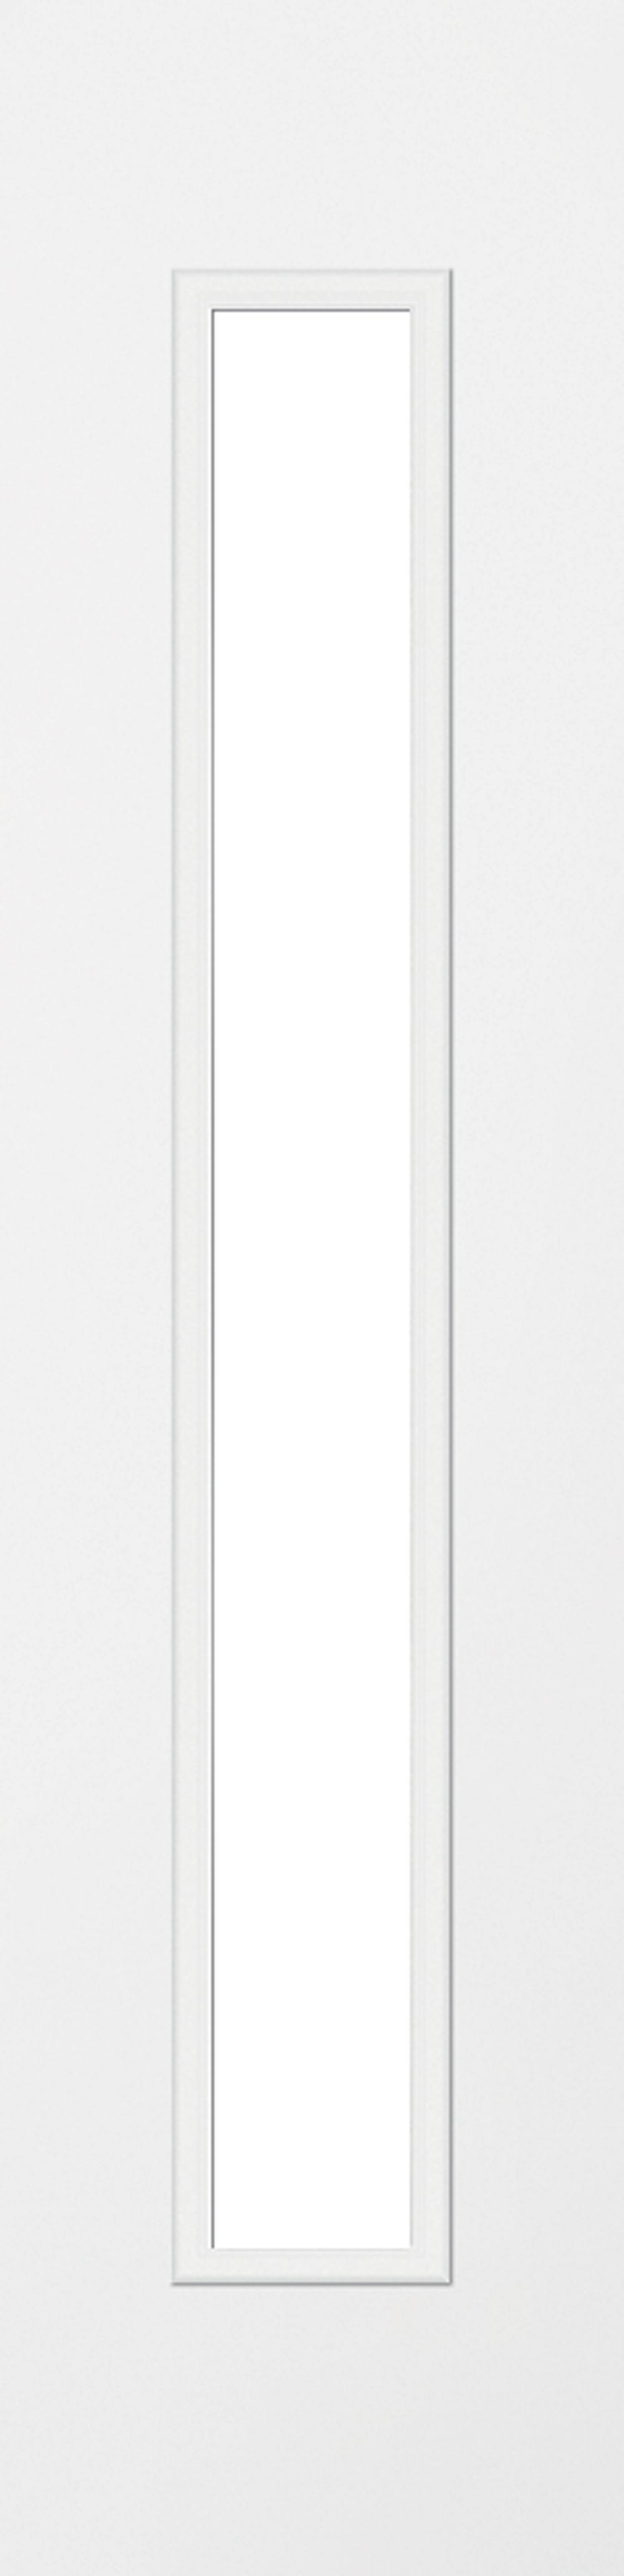 Willmar Fibreglass Glass Panel Exterior Door Jeld Wen Windows Doors Glass Panel Door Glass Panels Exterior Doors